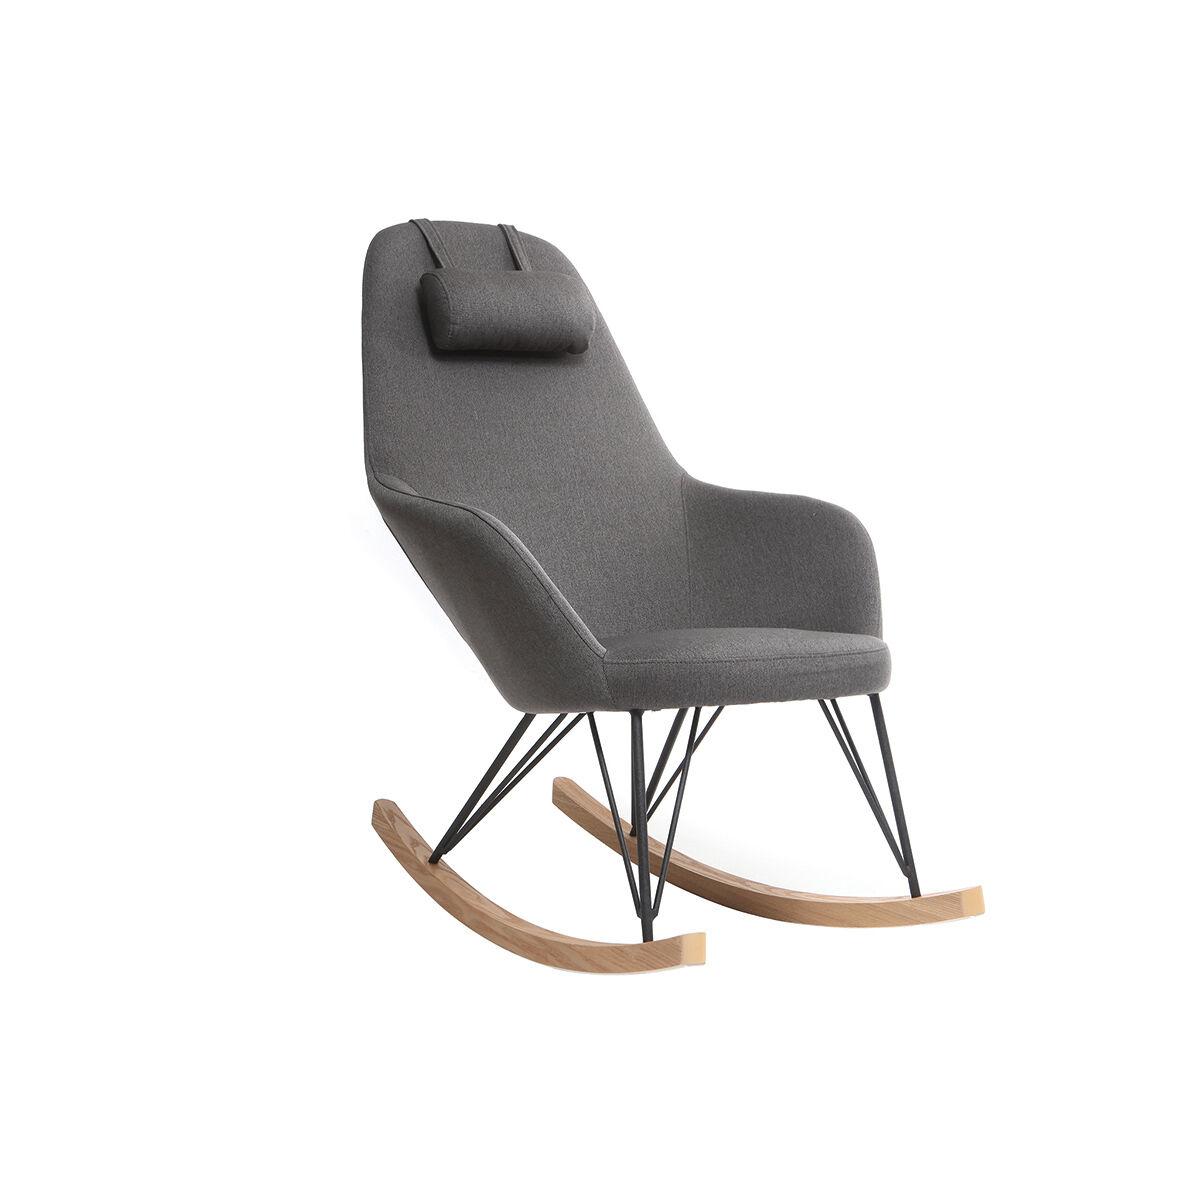 Miliboo Rocking chair en tissu gris foncé avec pieds métal et frêne JHENE